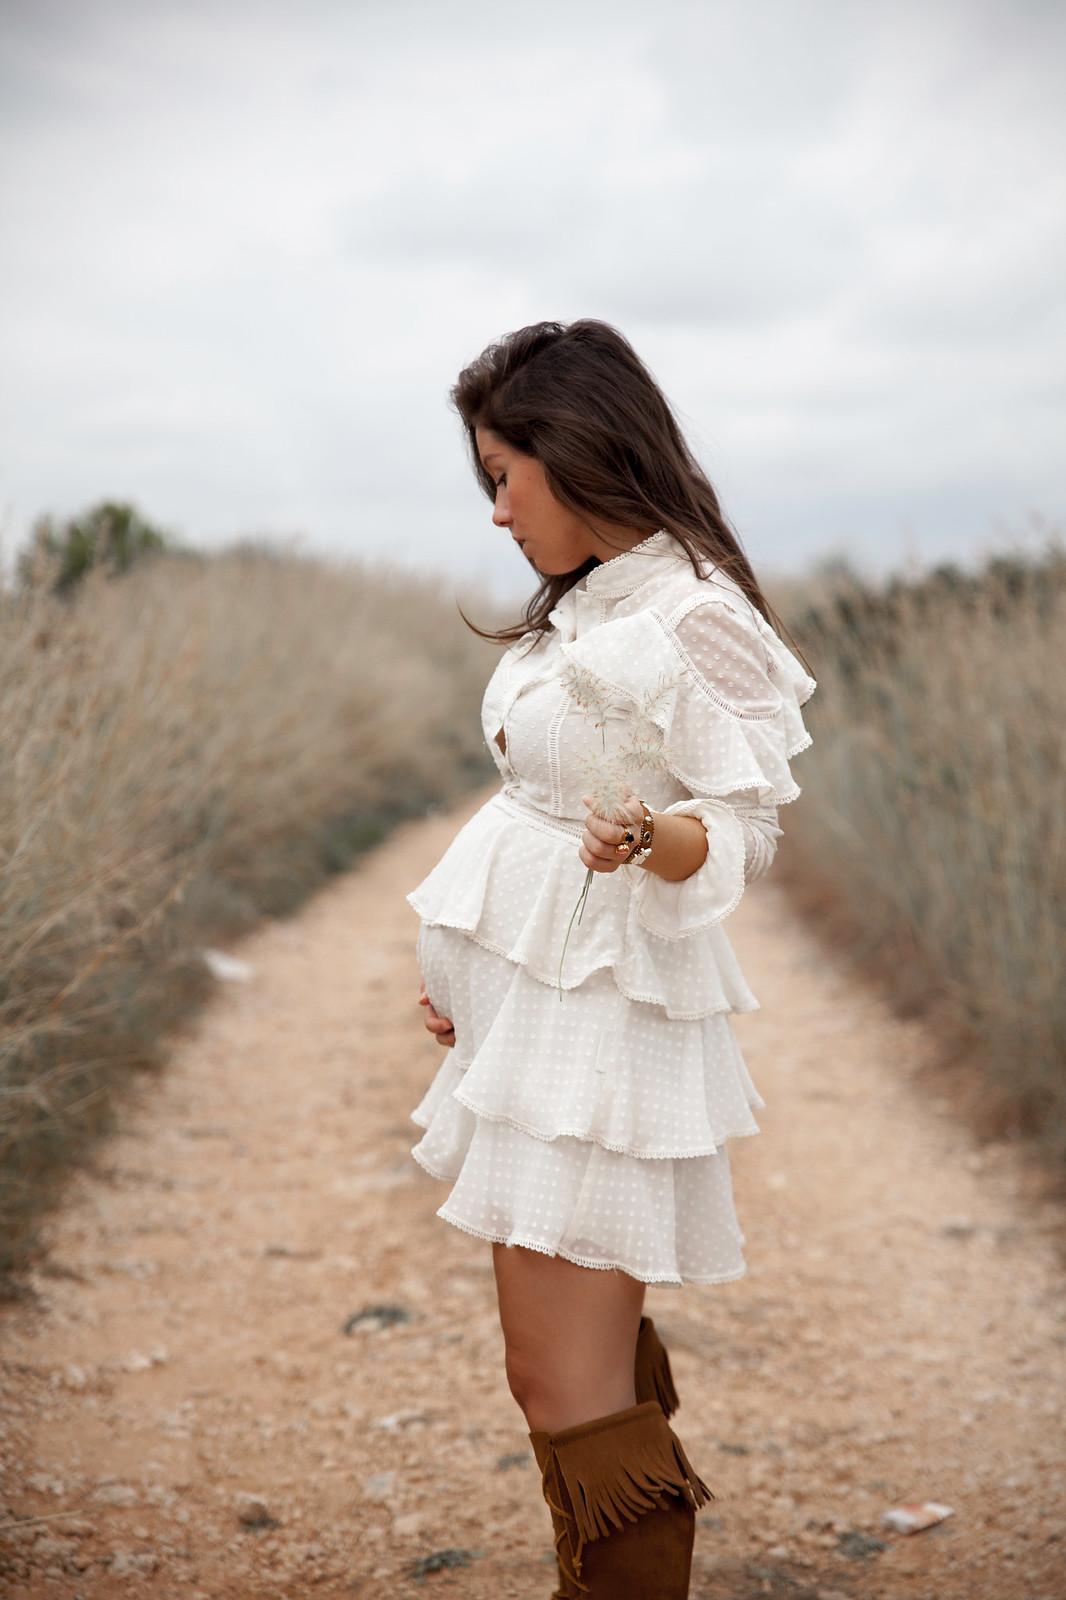 06_vestido_plumeti_hpreppy_desfile_madrid_nueva_coleccion_influencer_boho_chic_theguestgirl_embarazada_embarazo_30_semanas_laura_santolaria